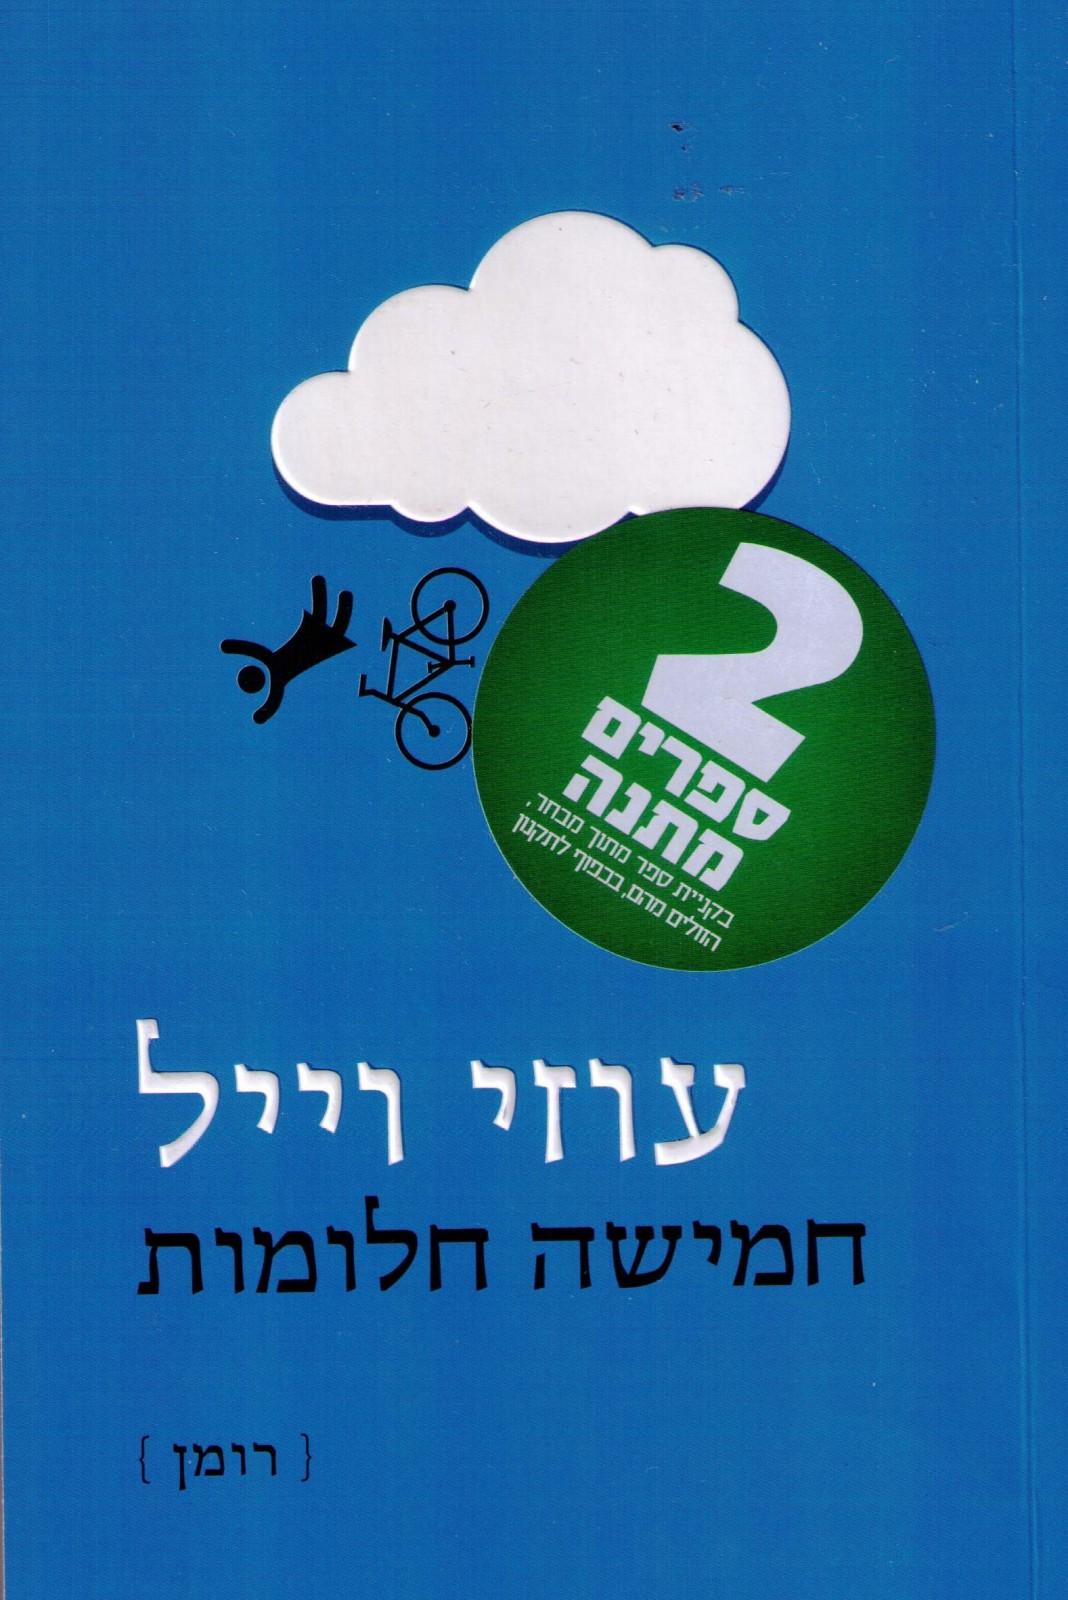 """כריכת הספר """"חמישה חלומות"""" מאת עוזי וייל"""